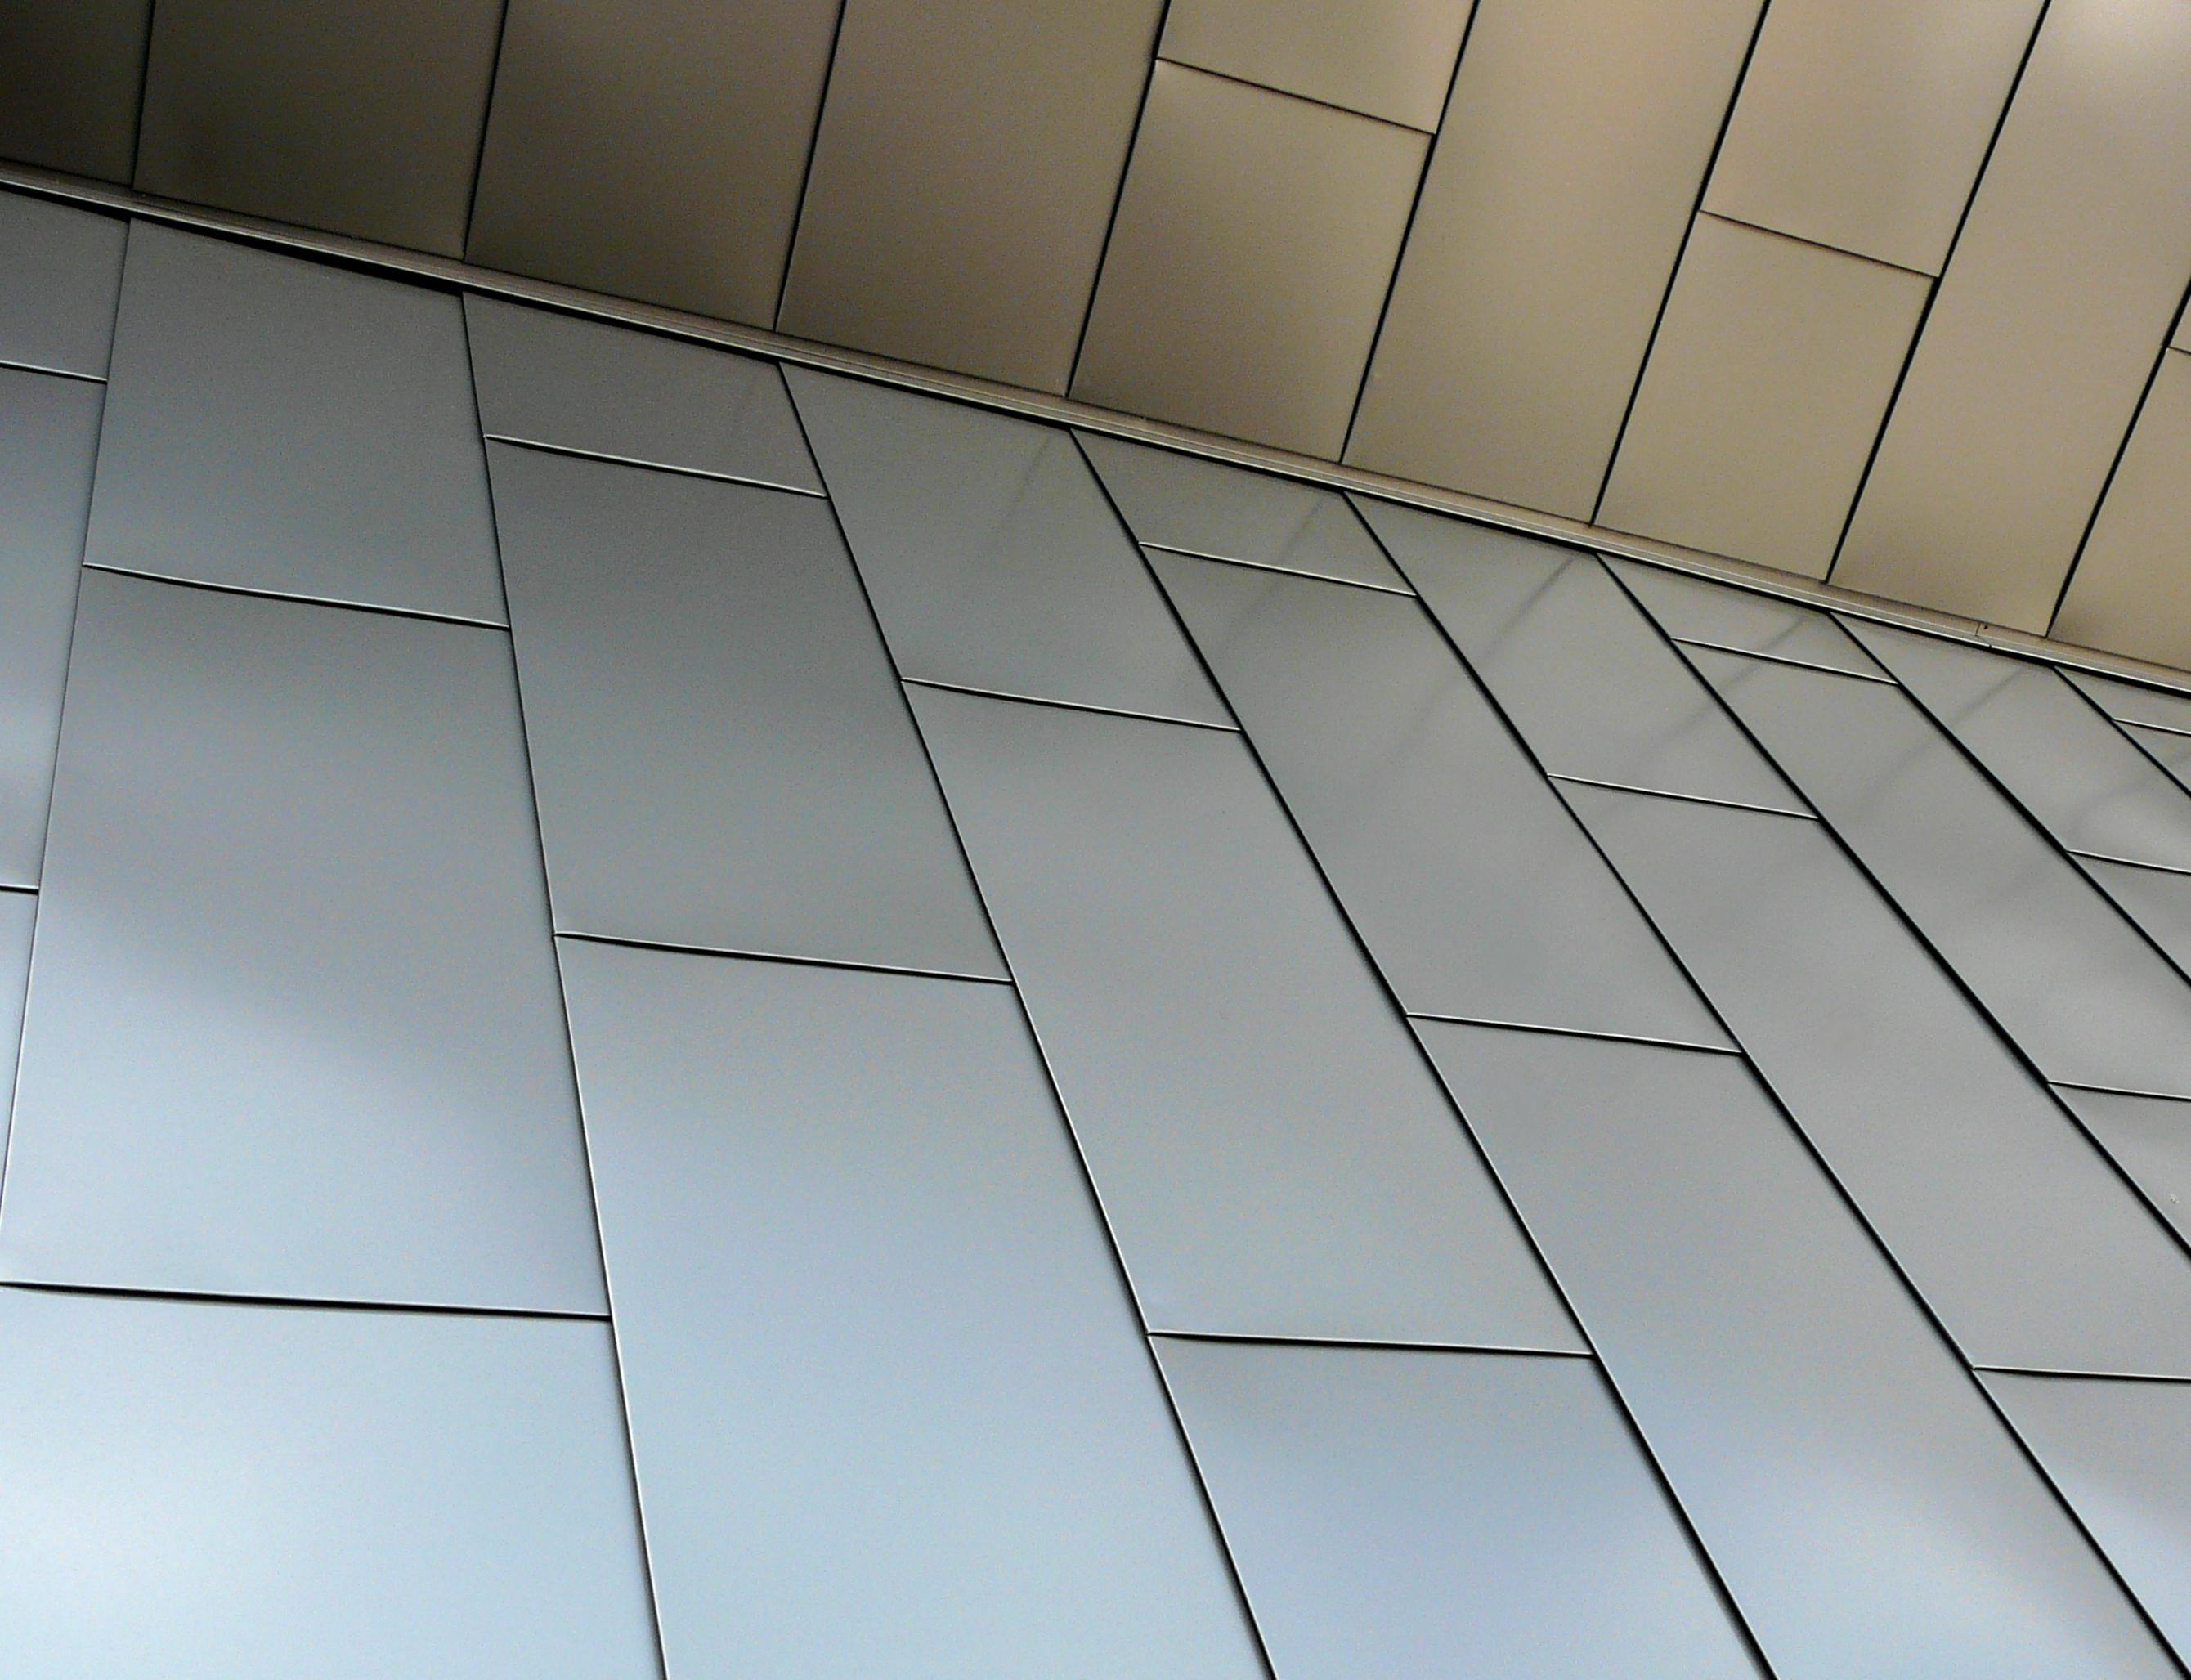 Flat Lock Rectangular Zinc Metal Paneling Primary Seams